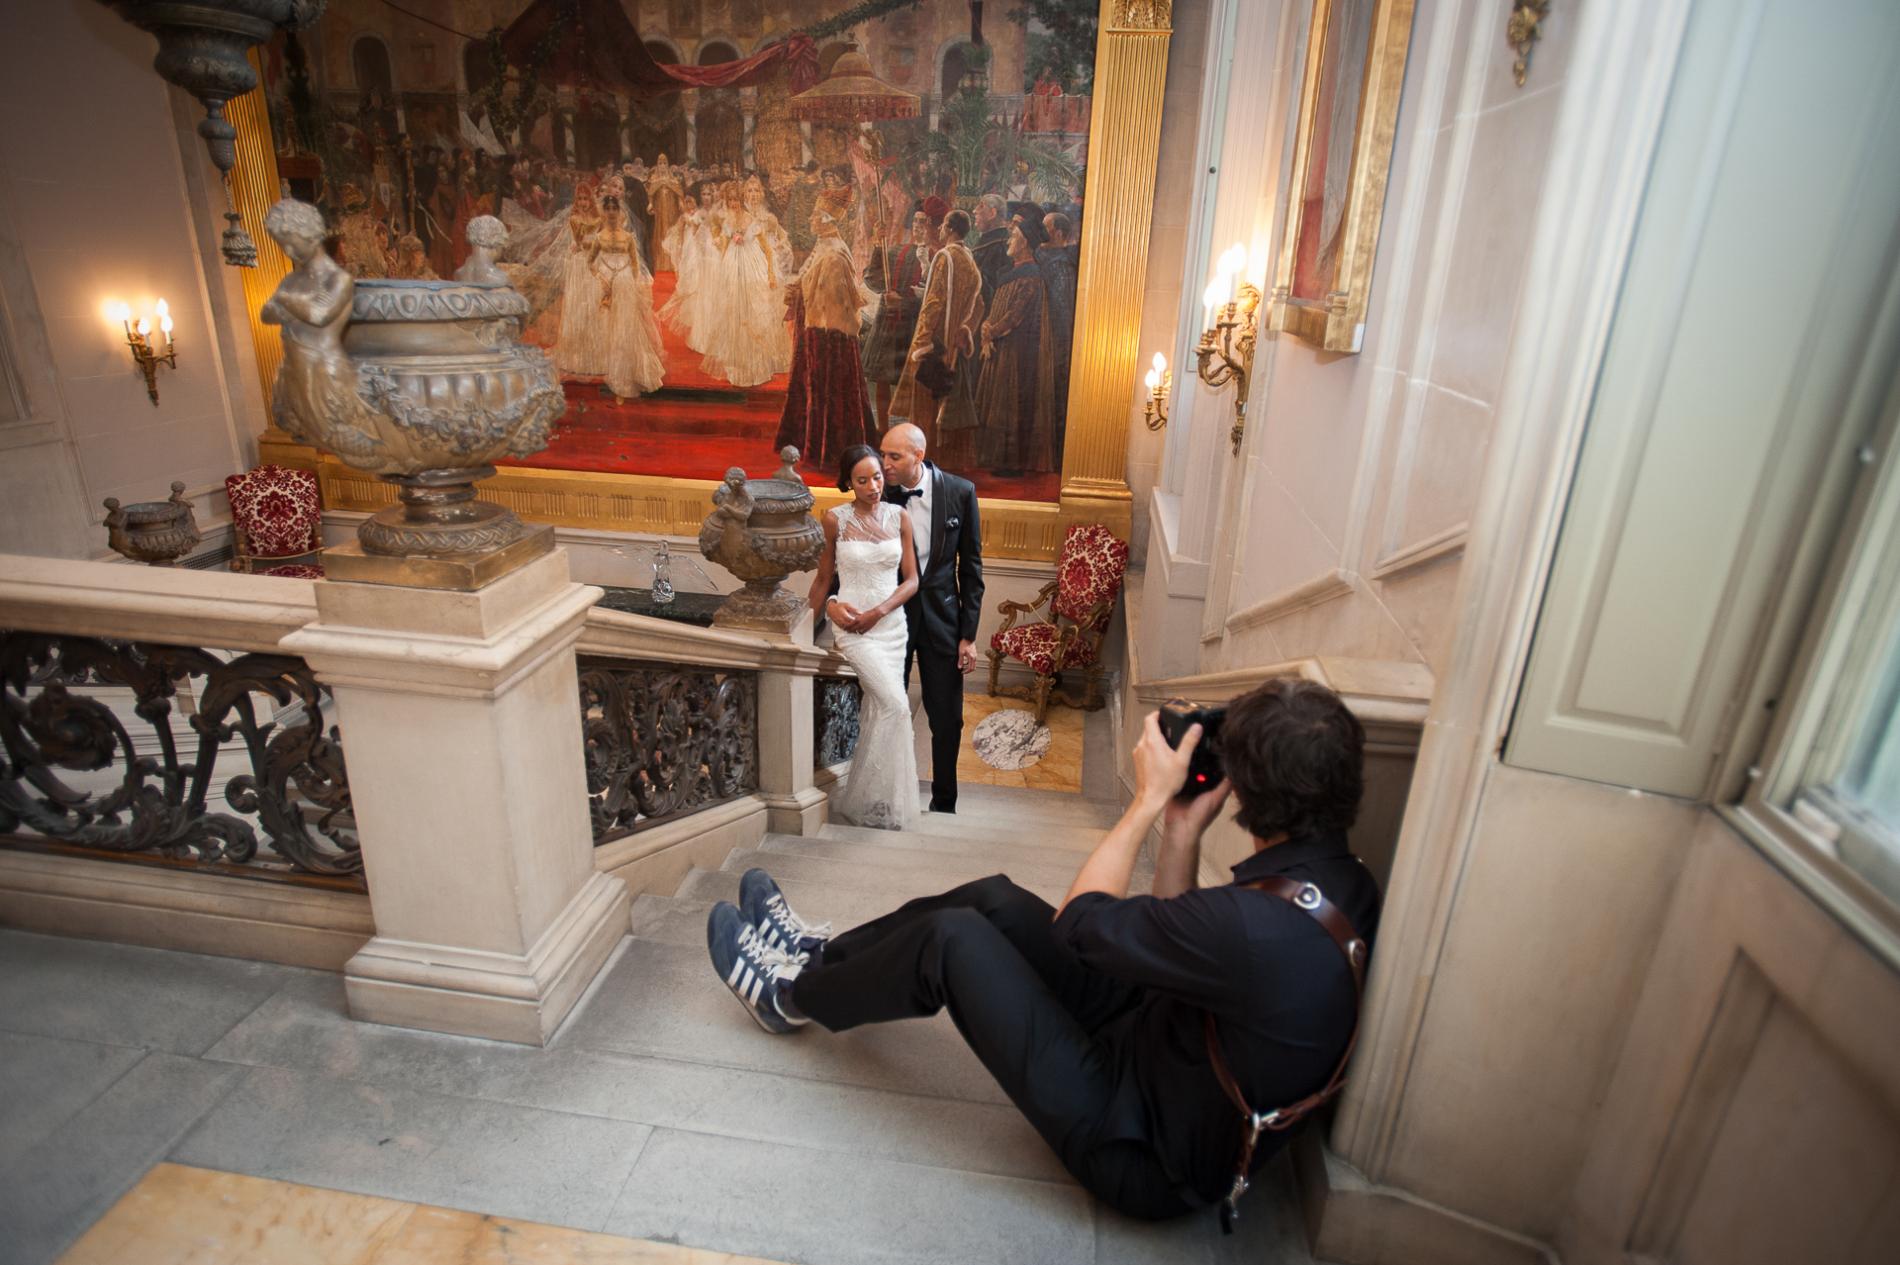 Der Fotograf von San Francisco, Drew Bird, fotografiert ein Hochzeitspaar